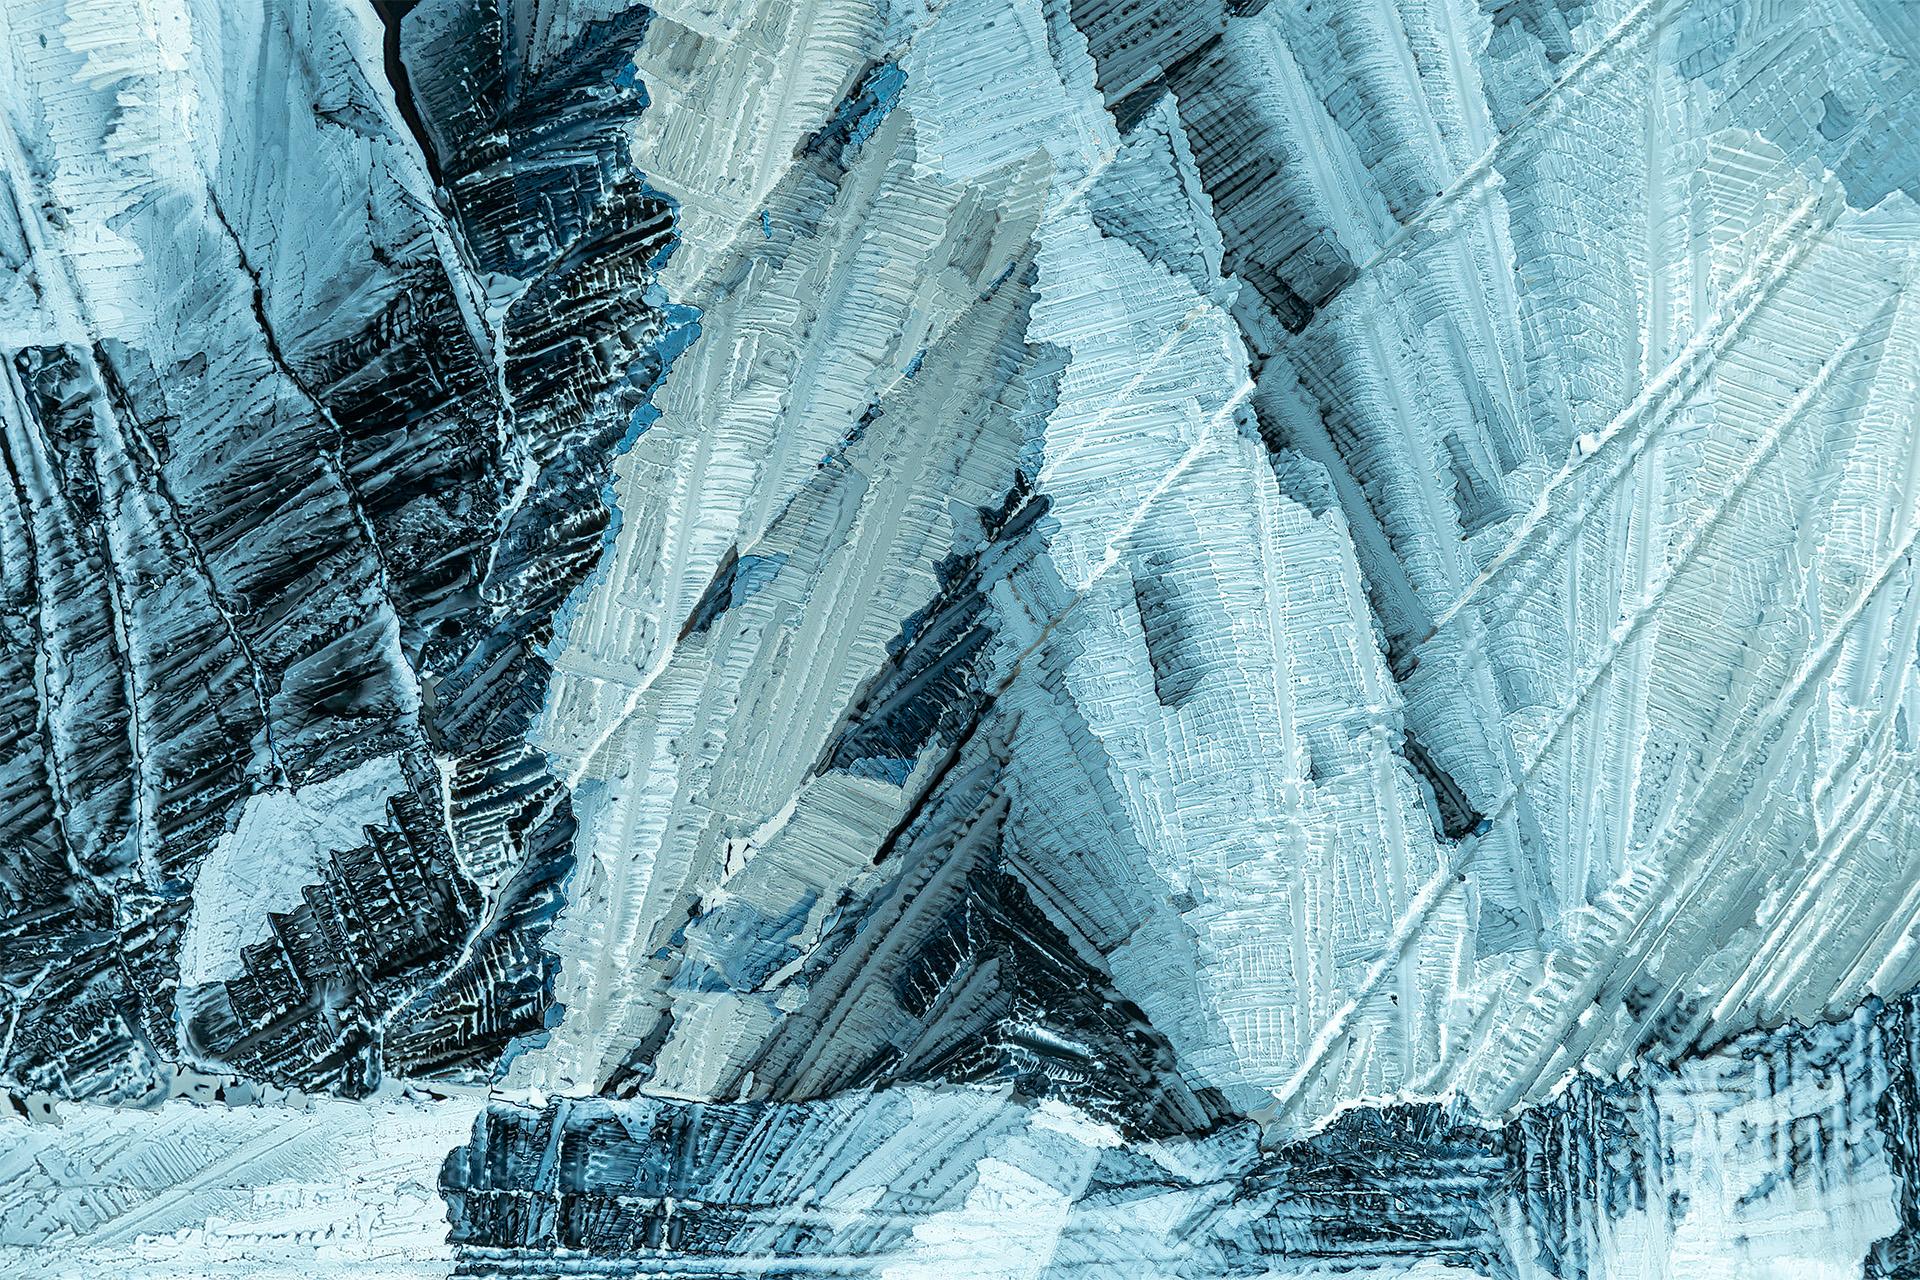 Natriumhydrogensulfat in einer Vergrößerung von 250:1, Mikro Kristall im polarisierten Licht.